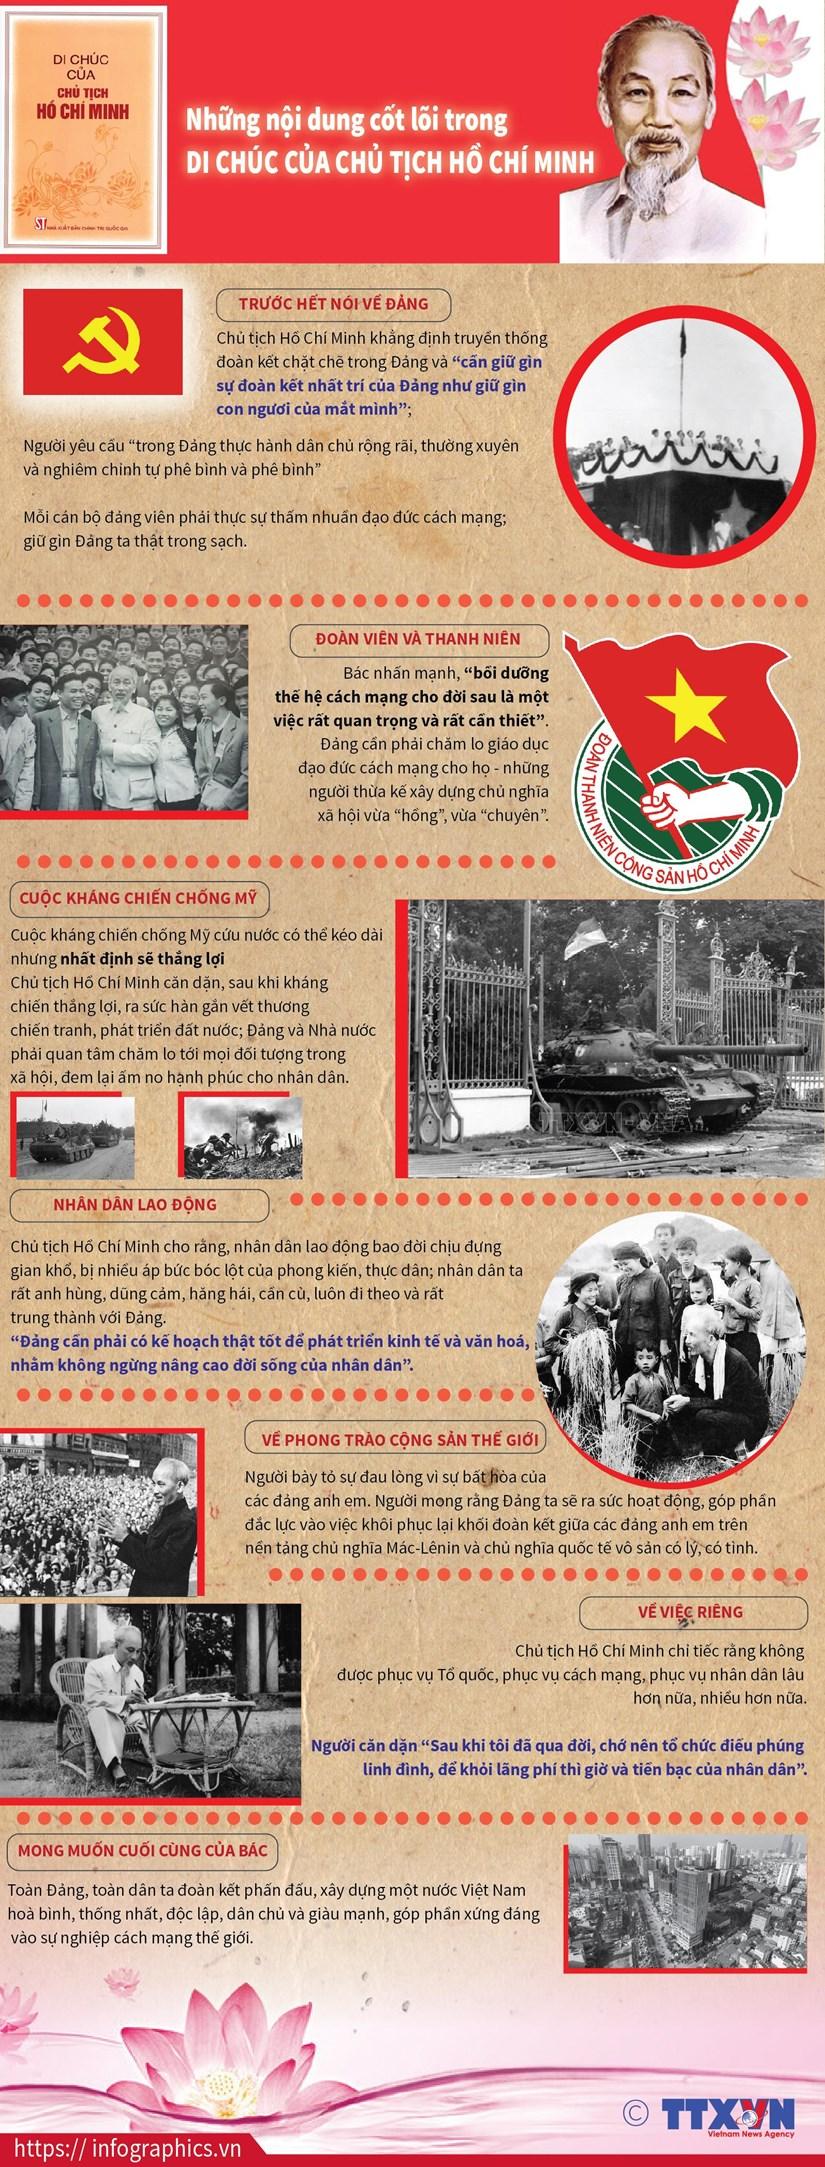 Nhung noi dung cot loi trong Di chuc cua Chu tich Ho Chi Minh hinh anh 1